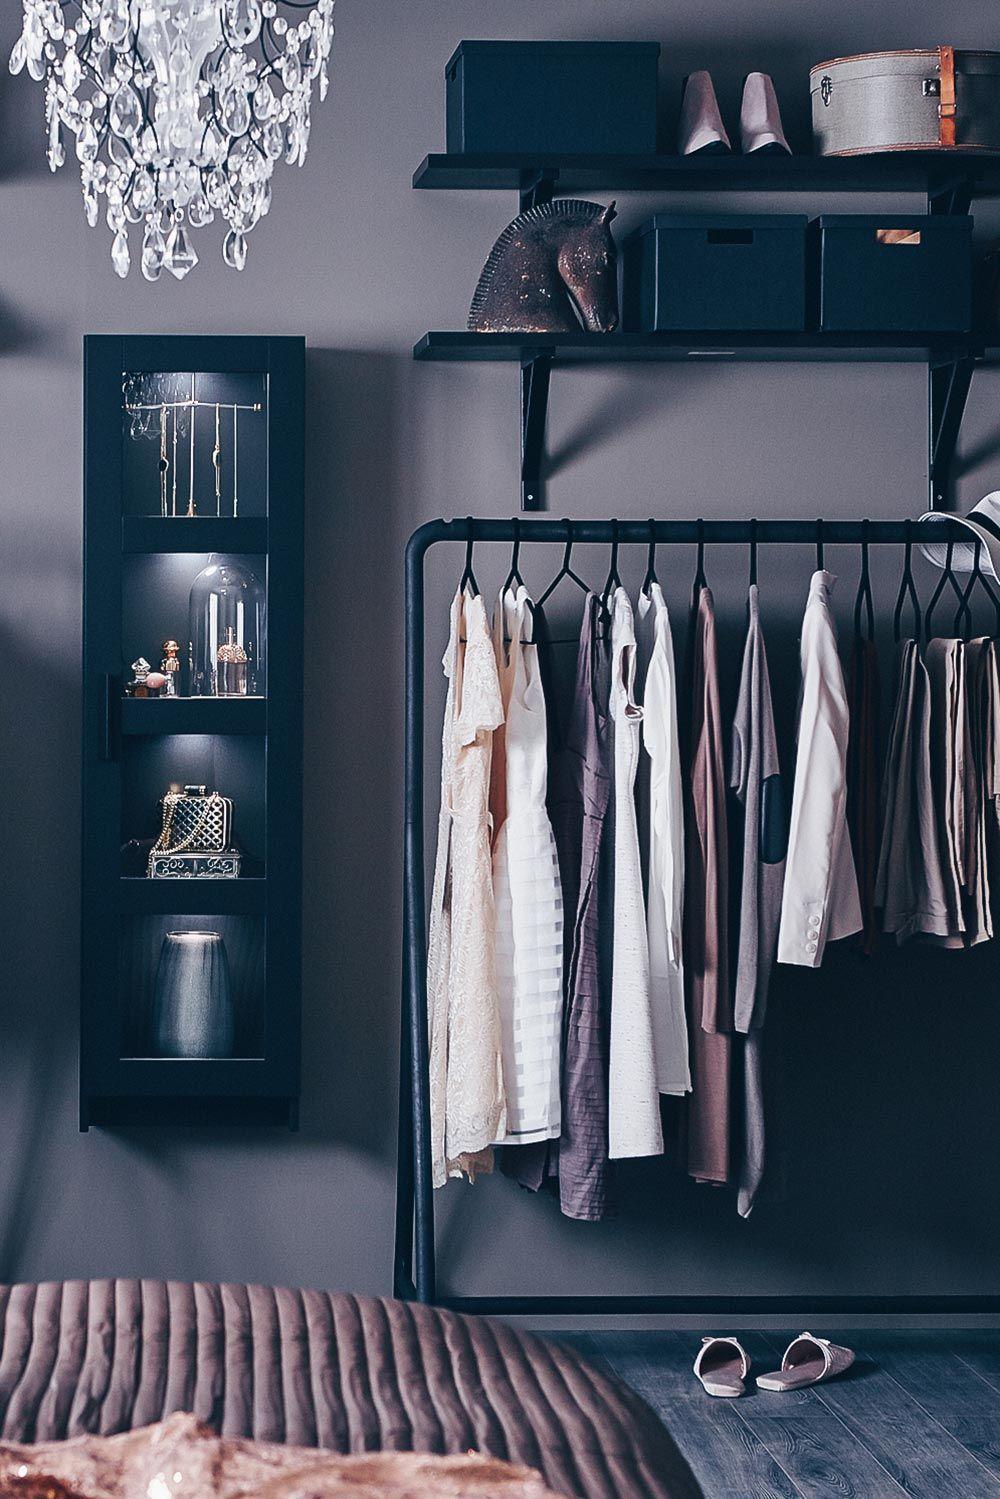 Begehbarer kleiderschrank ideen diy  7 Tipps und praktische Ideen für ein stilvolles Ankleidezimmer ...